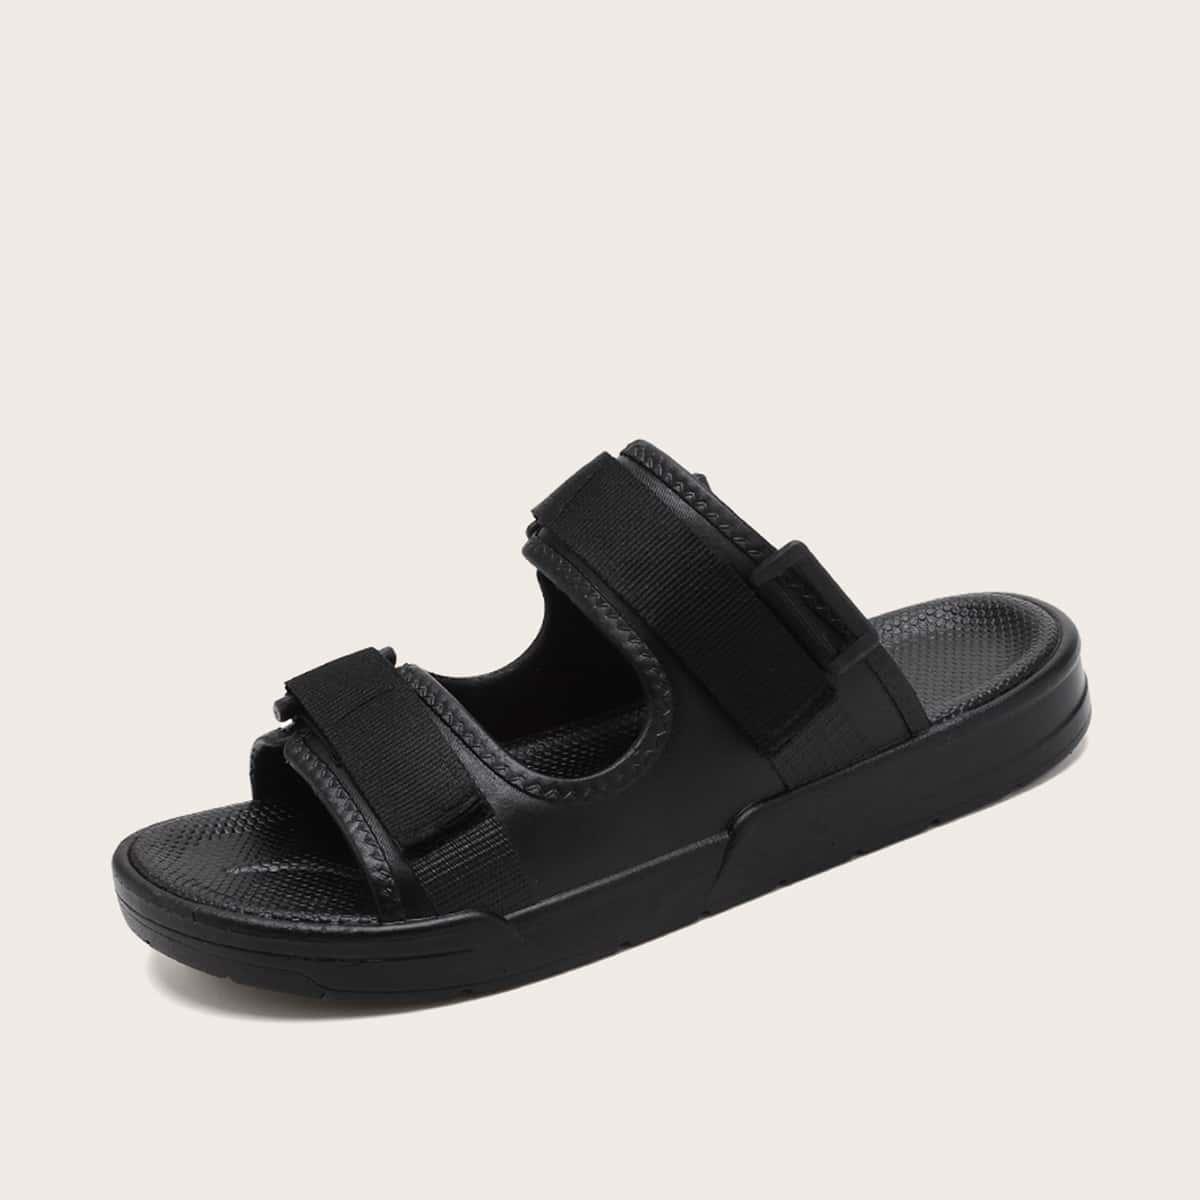 Wijde sandalen met open neus voor heren